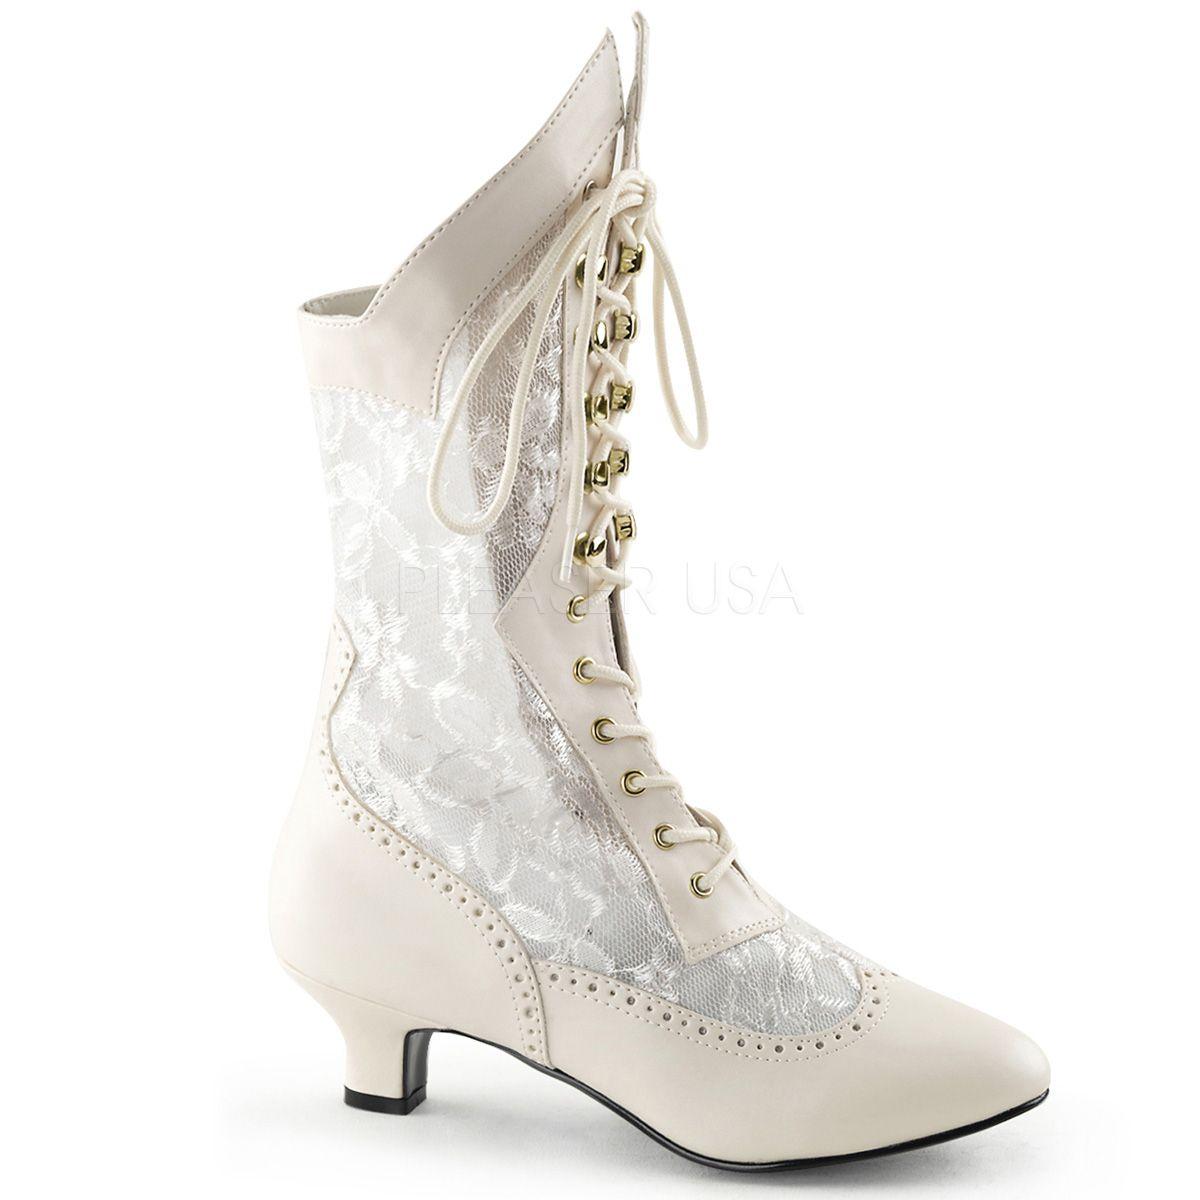 Pleaser Dame 05 - Bottes Classiques - Femme -, Blanc (Ivory PU Lace), 39 EU